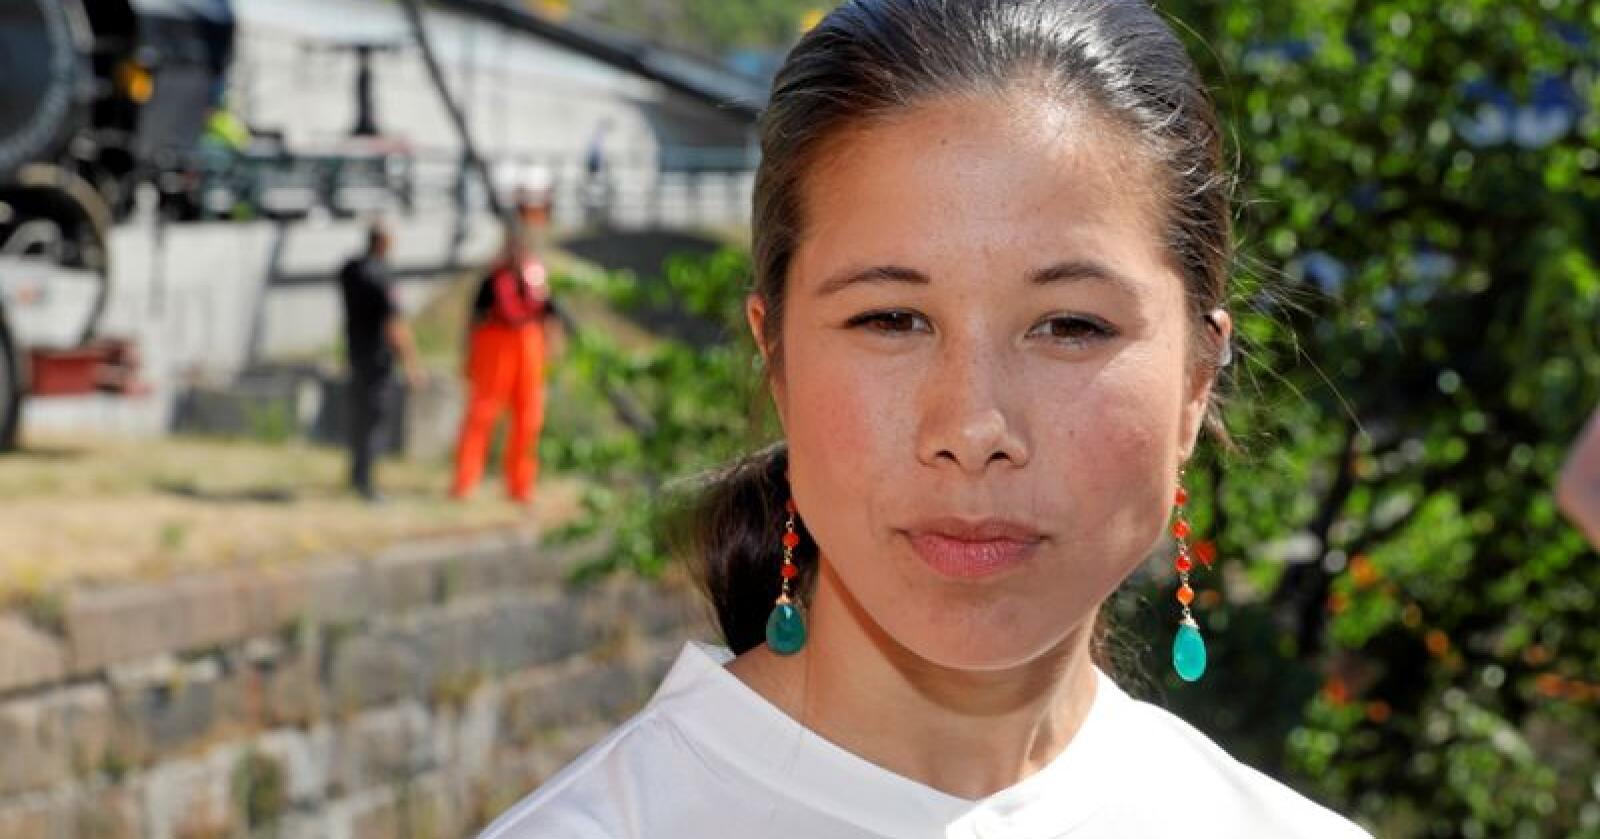 Hetses: Byråd Lan Marie Berg. Foto: Ole Berg-Rusten/NTB scanpix